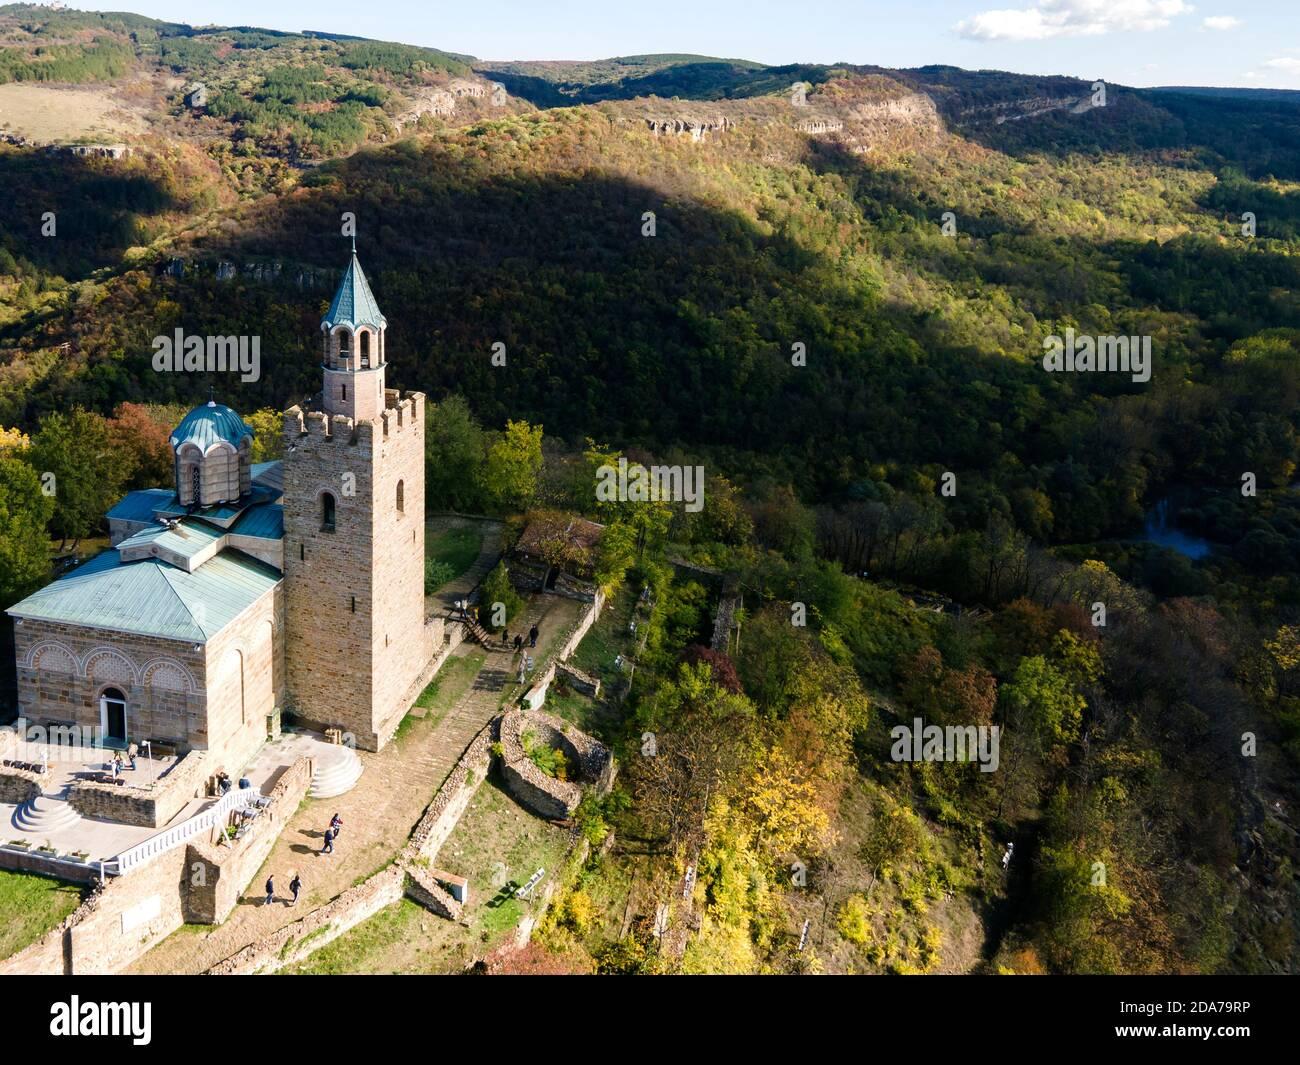 Vista aérea de las ruinas de la capital del segundo Imperio búlgaro fortaleza medieval Tsarevets, Veliko Tarnovo, Bulgaria Foto de stock